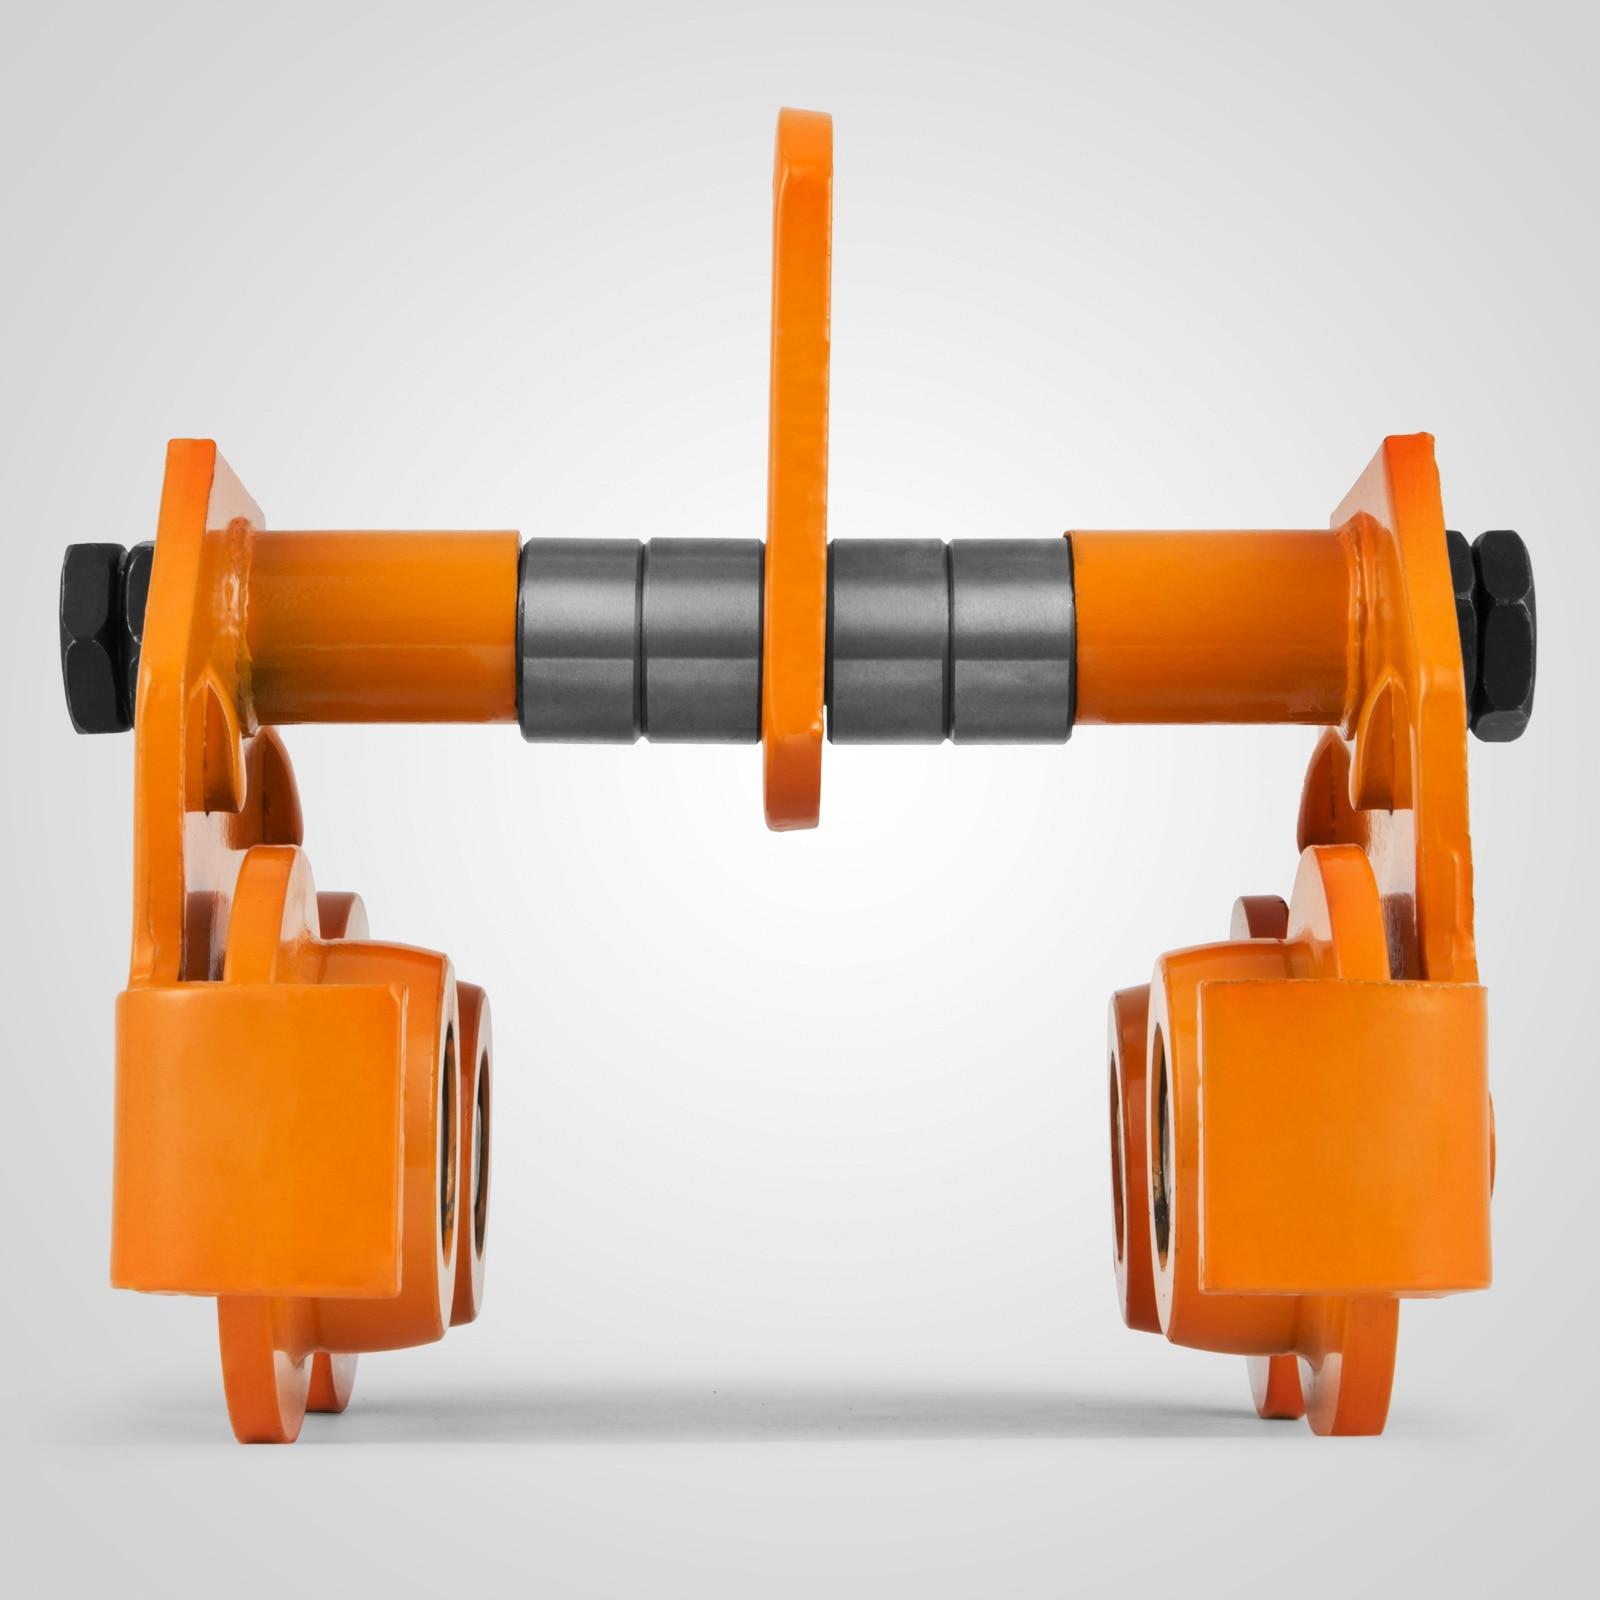 VEVOR толкающая тележка 1 тонна толкаемая регулируемая для I Beam треков прочная стальная конструкция двухколесная конструкция балочная тележк